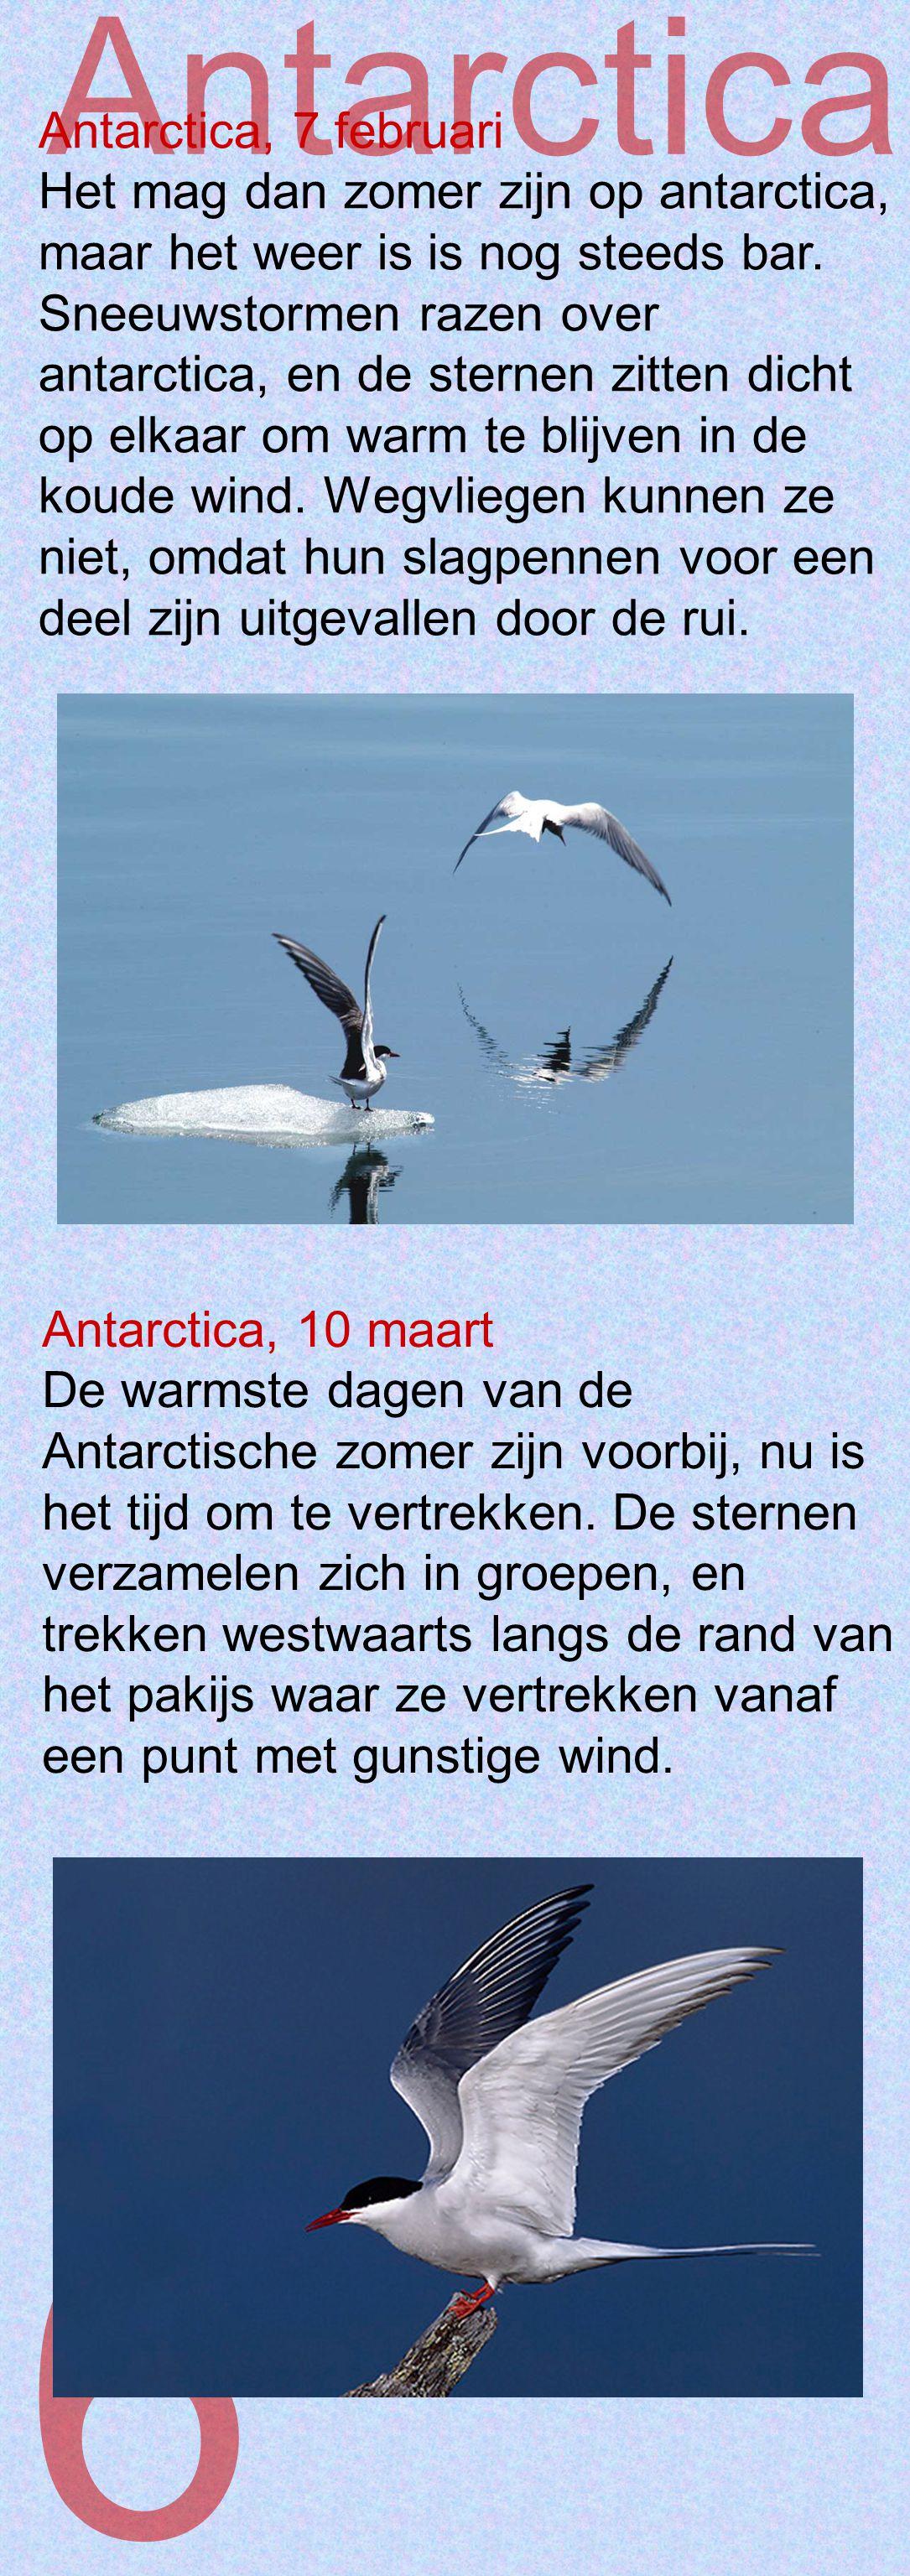 6 Antarctica Antarctica, 7 februari Het mag dan zomer zijn op antarctica, maar het weer is is nog steeds bar.